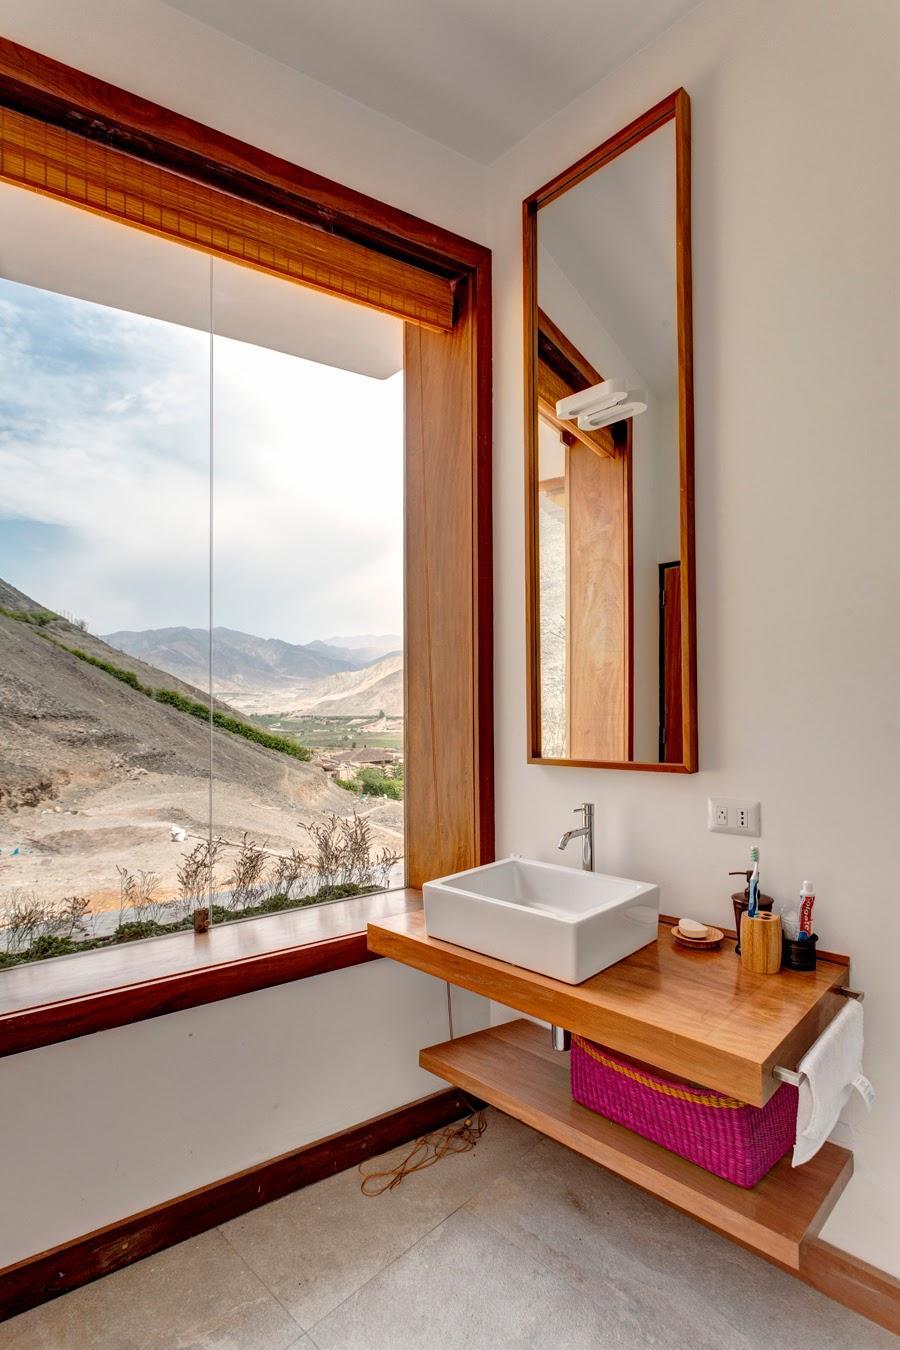 wood shelf design ideas, bathroom